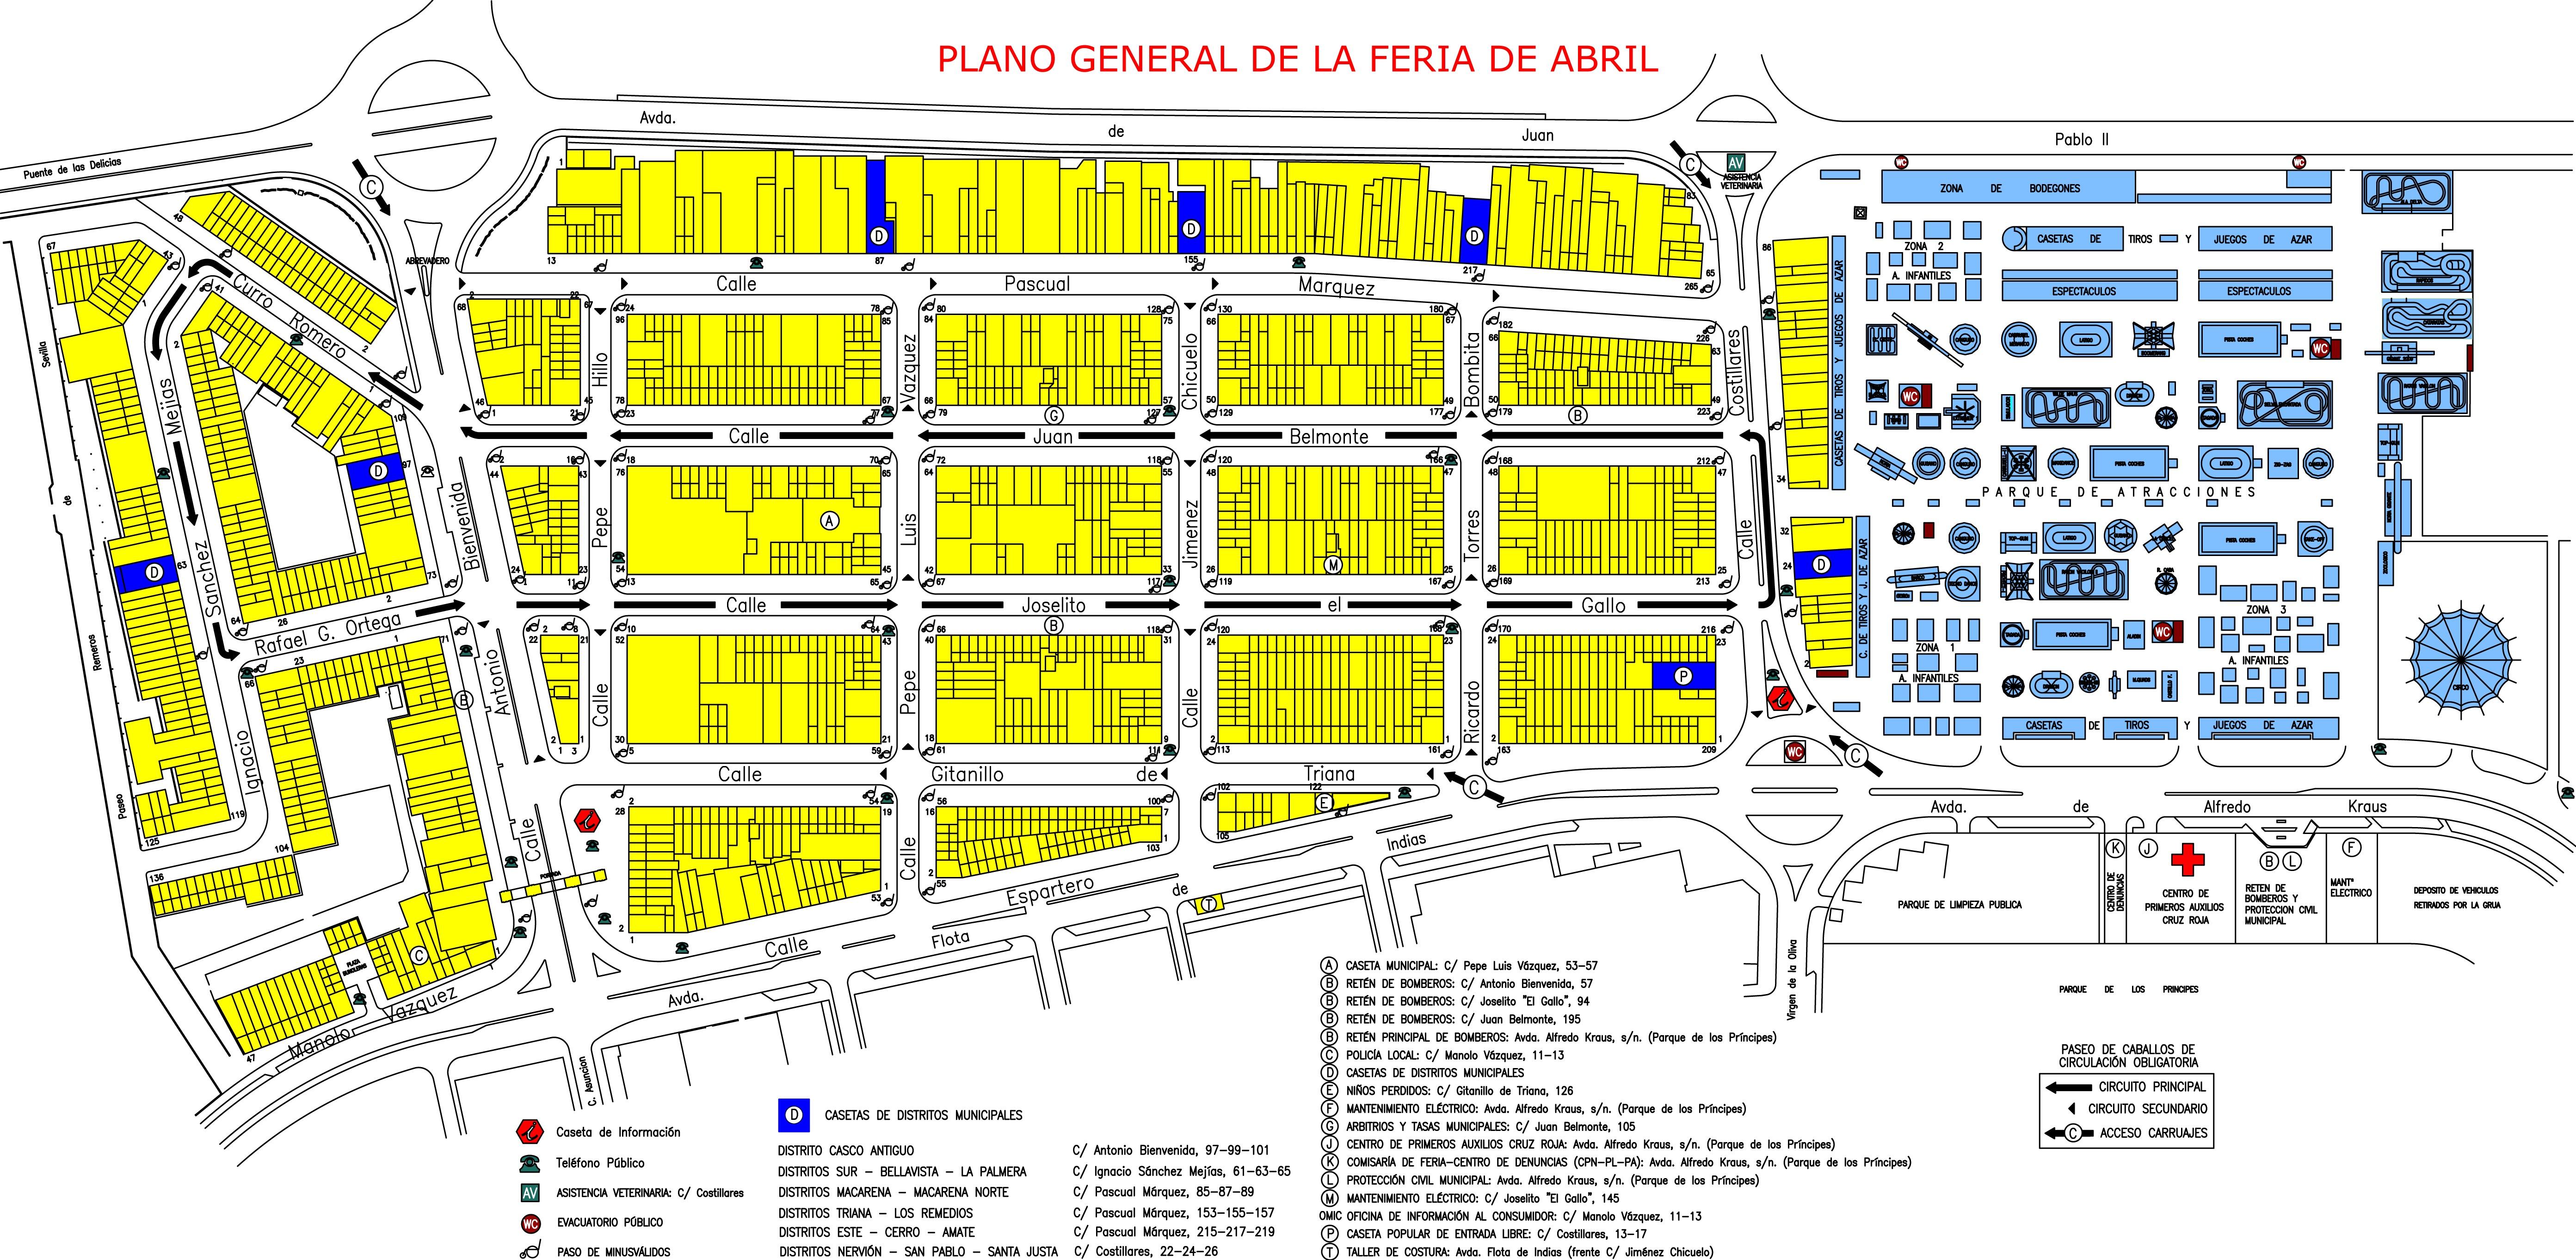 PLANO FERIA DE ABRIL